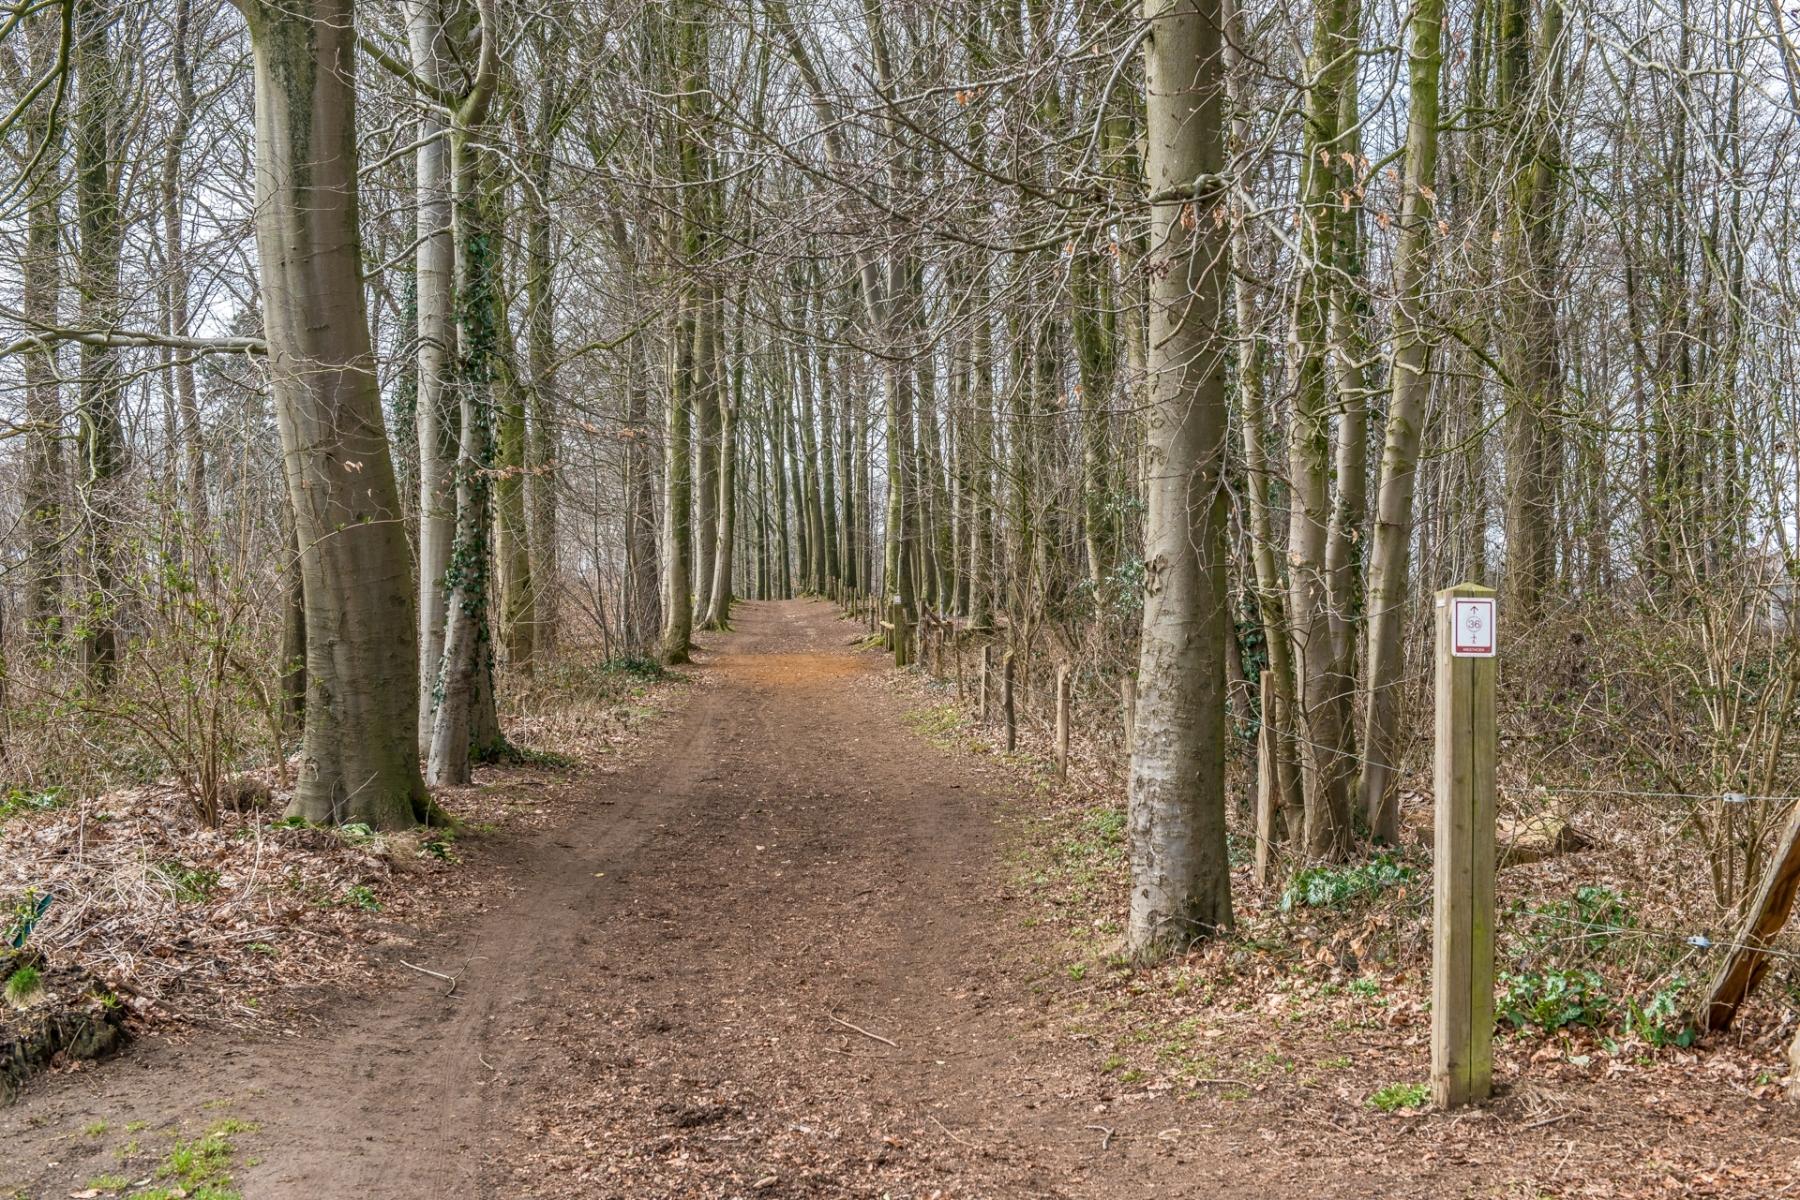 19-streek-wandelen-bospad